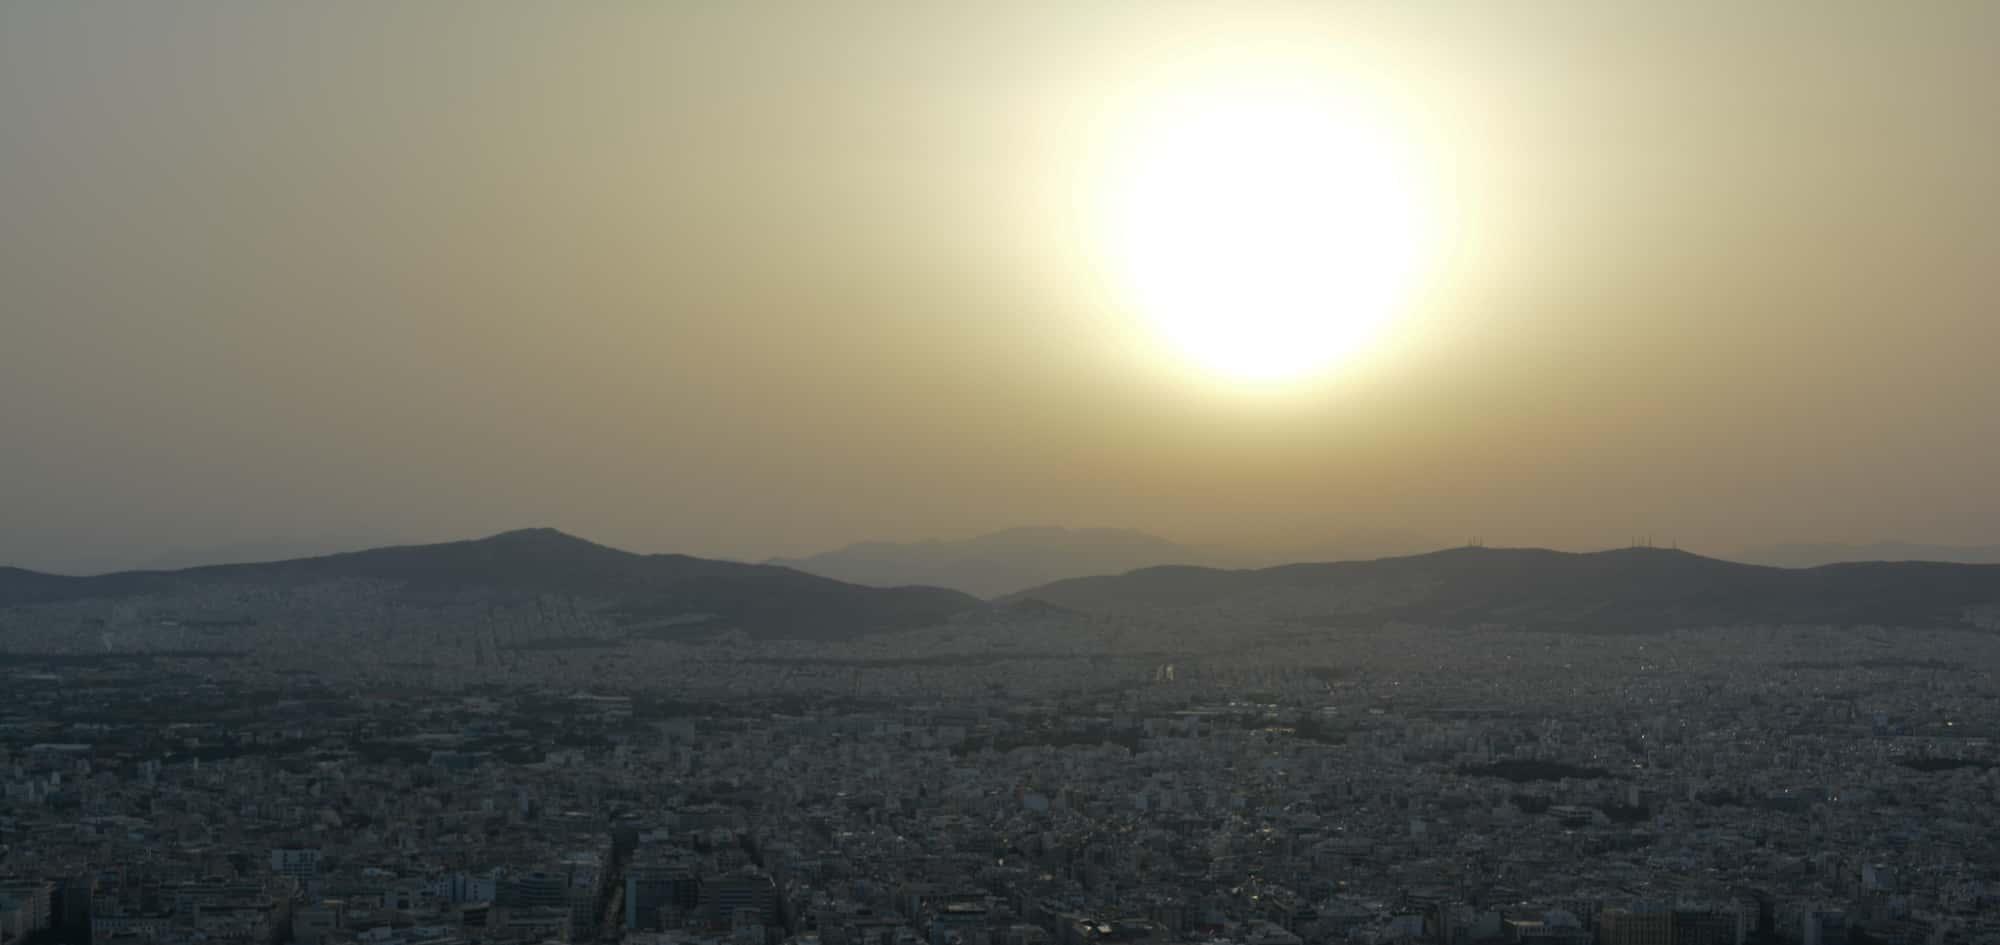 Mount Lycabettus Sunset